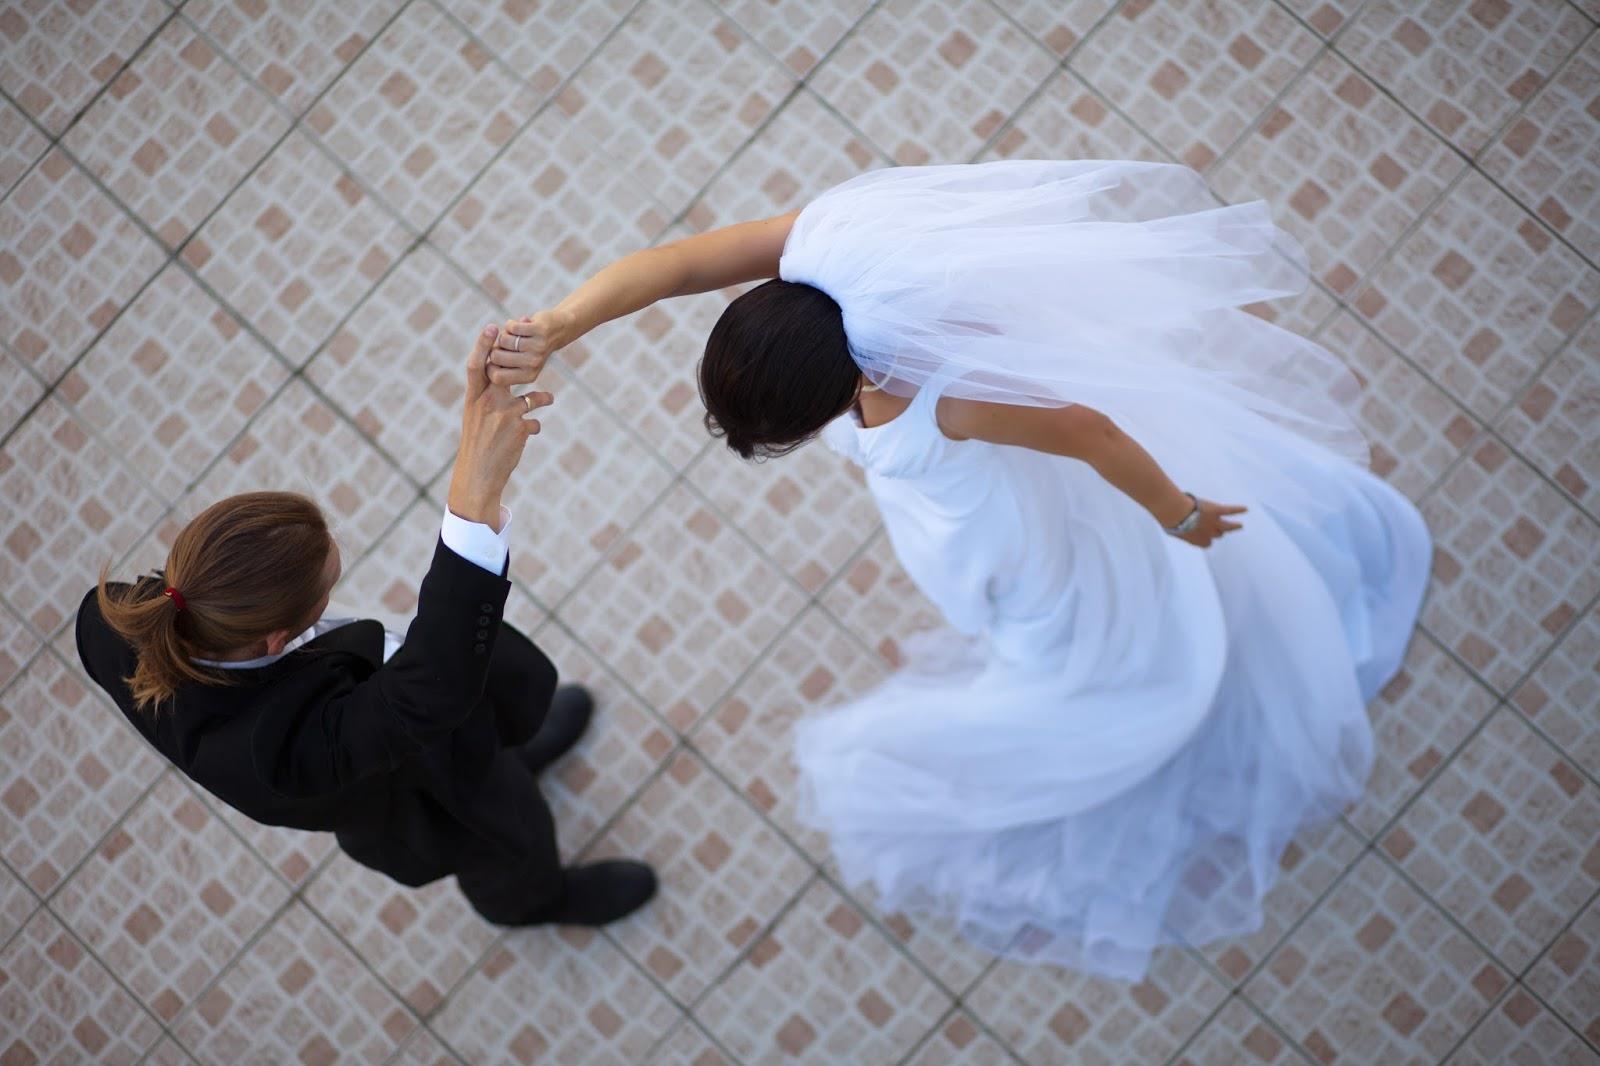 красивый танец